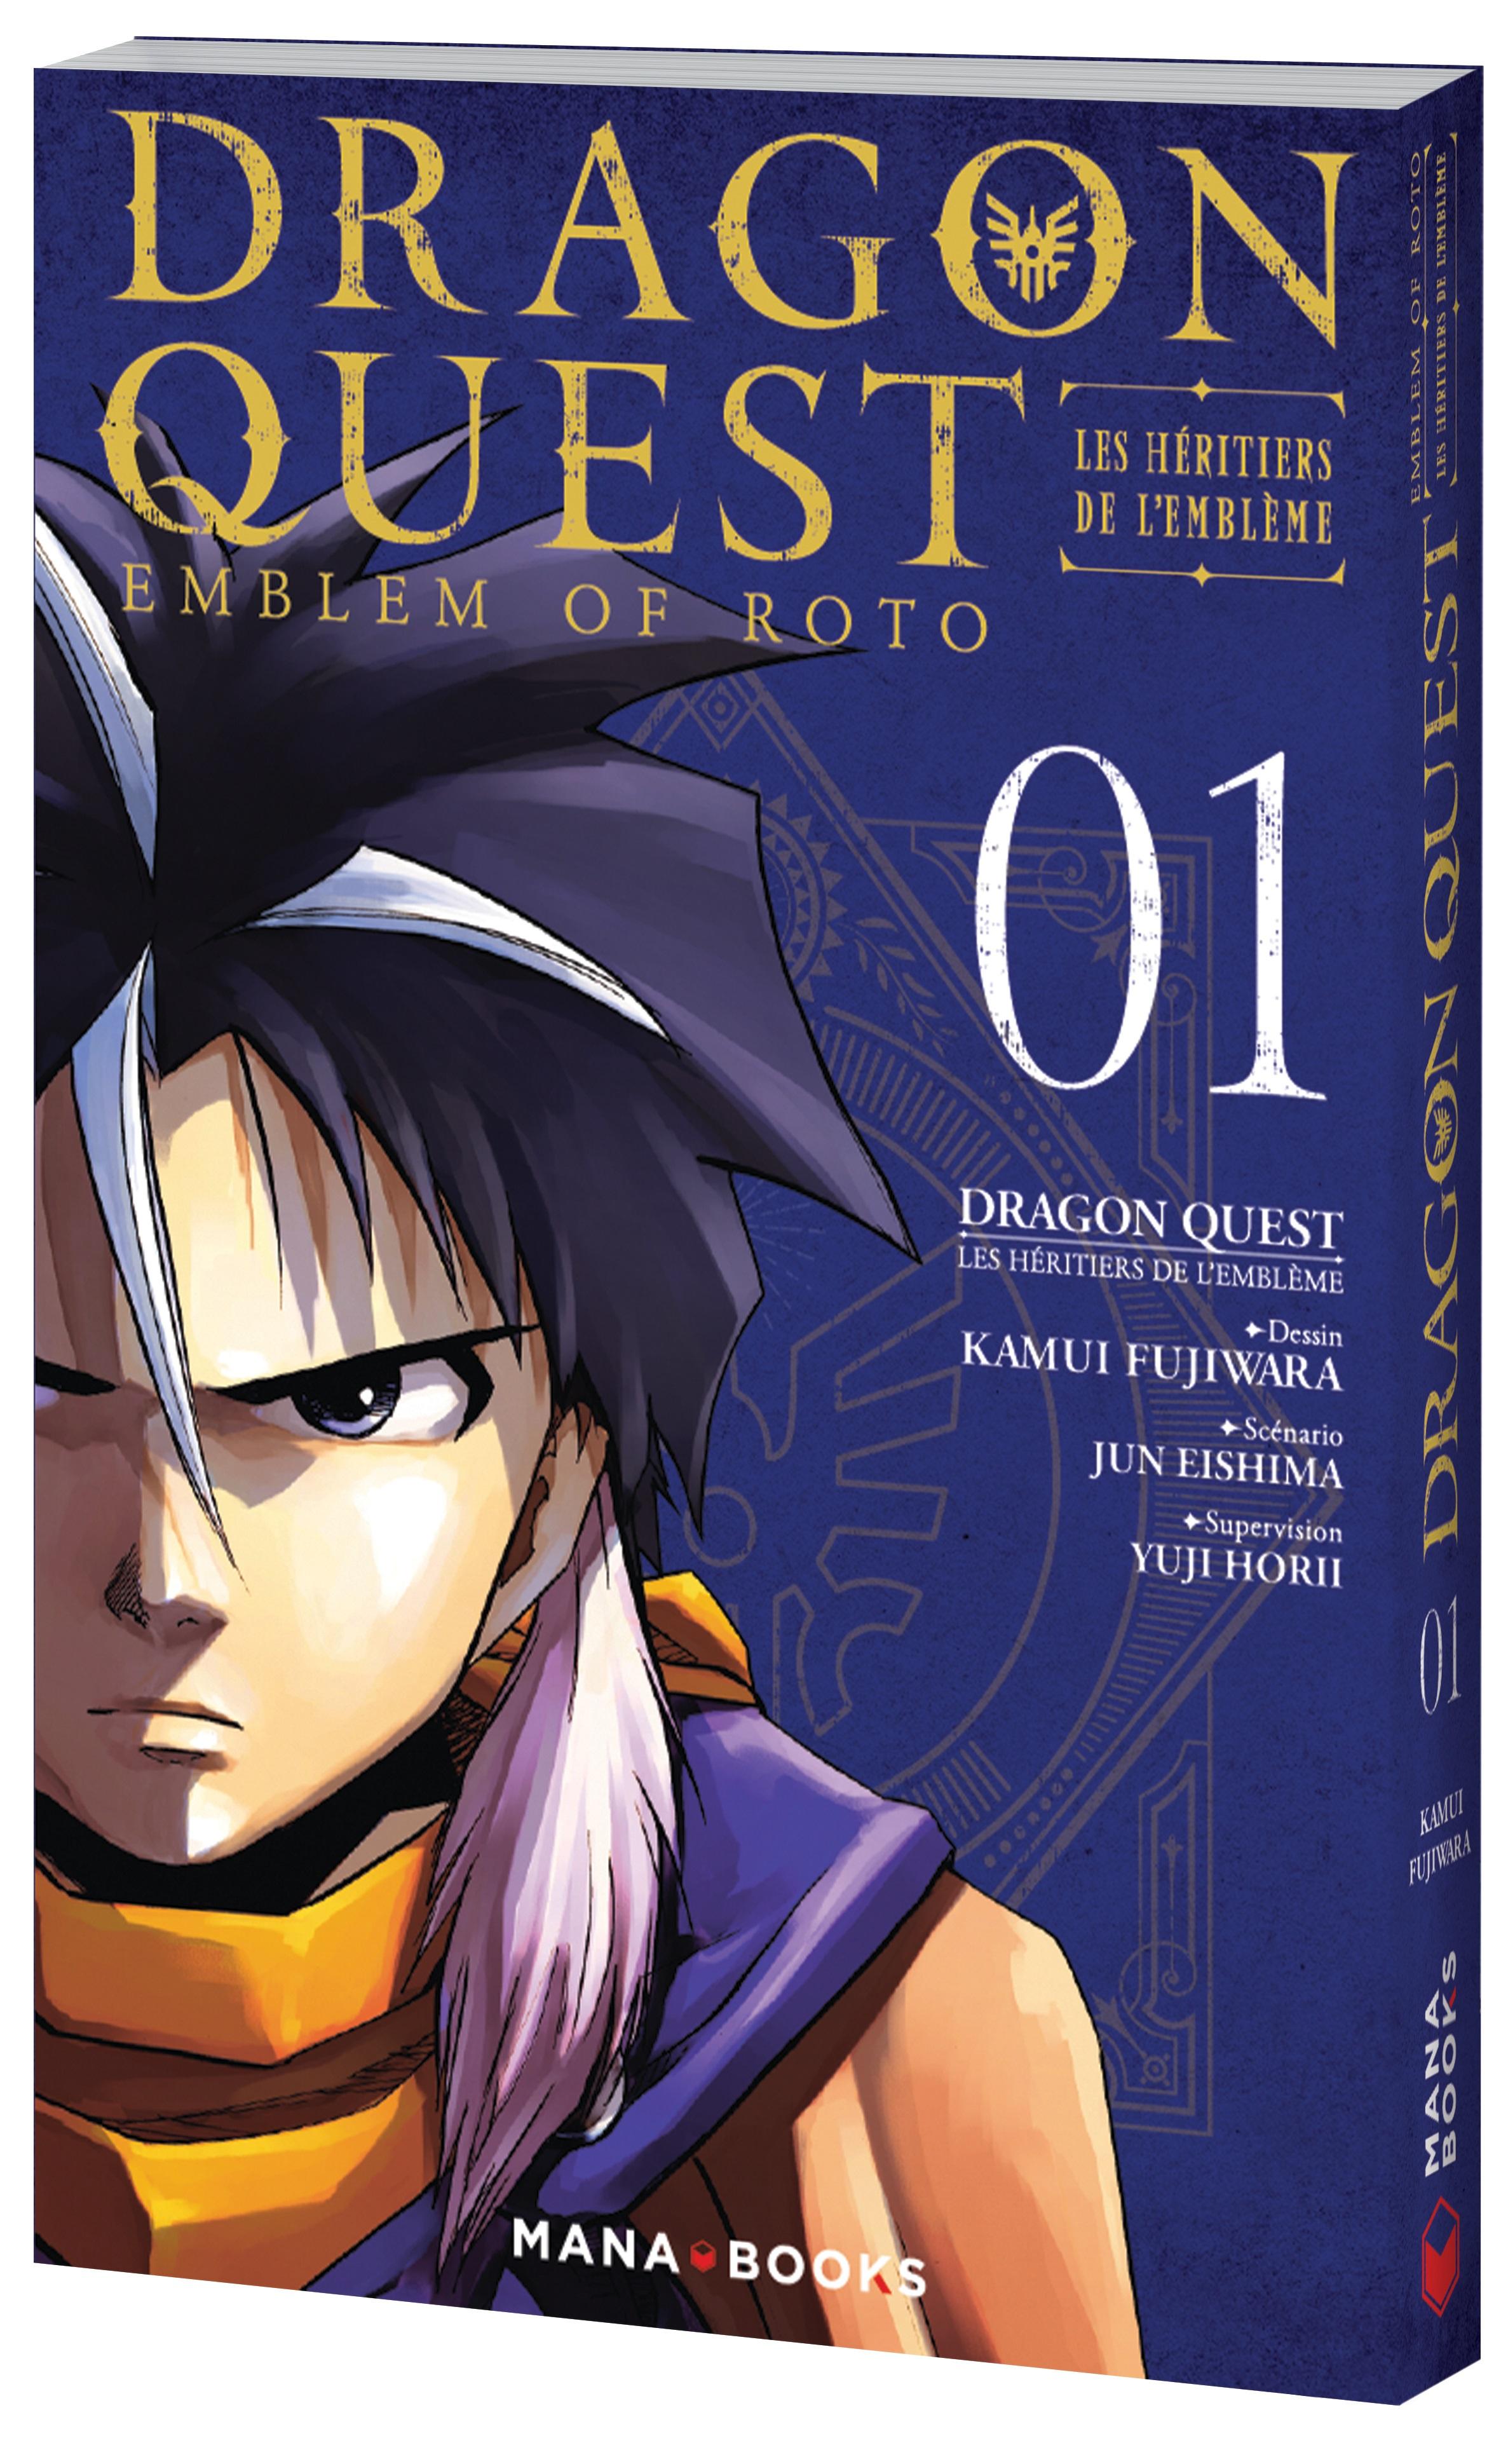 Dragon quest - Les héritiers de l'emblème T1, manga chez Mana Books de Eishima, Fujiwara